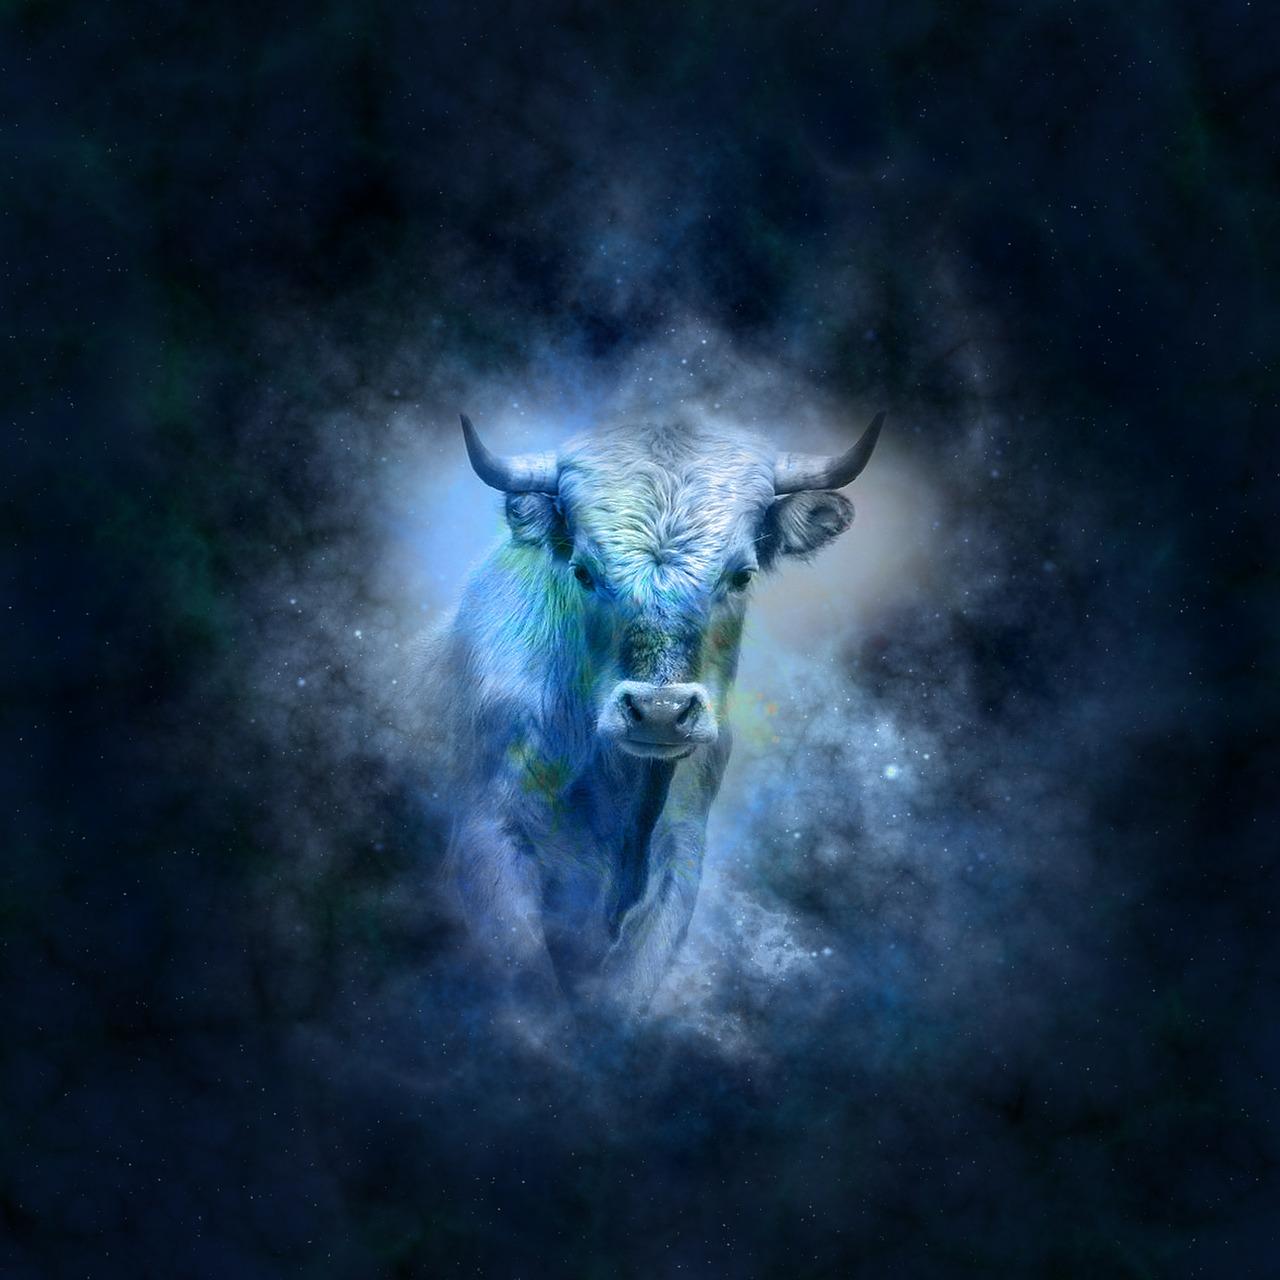 Horoskop - Horoskopski znak Bik